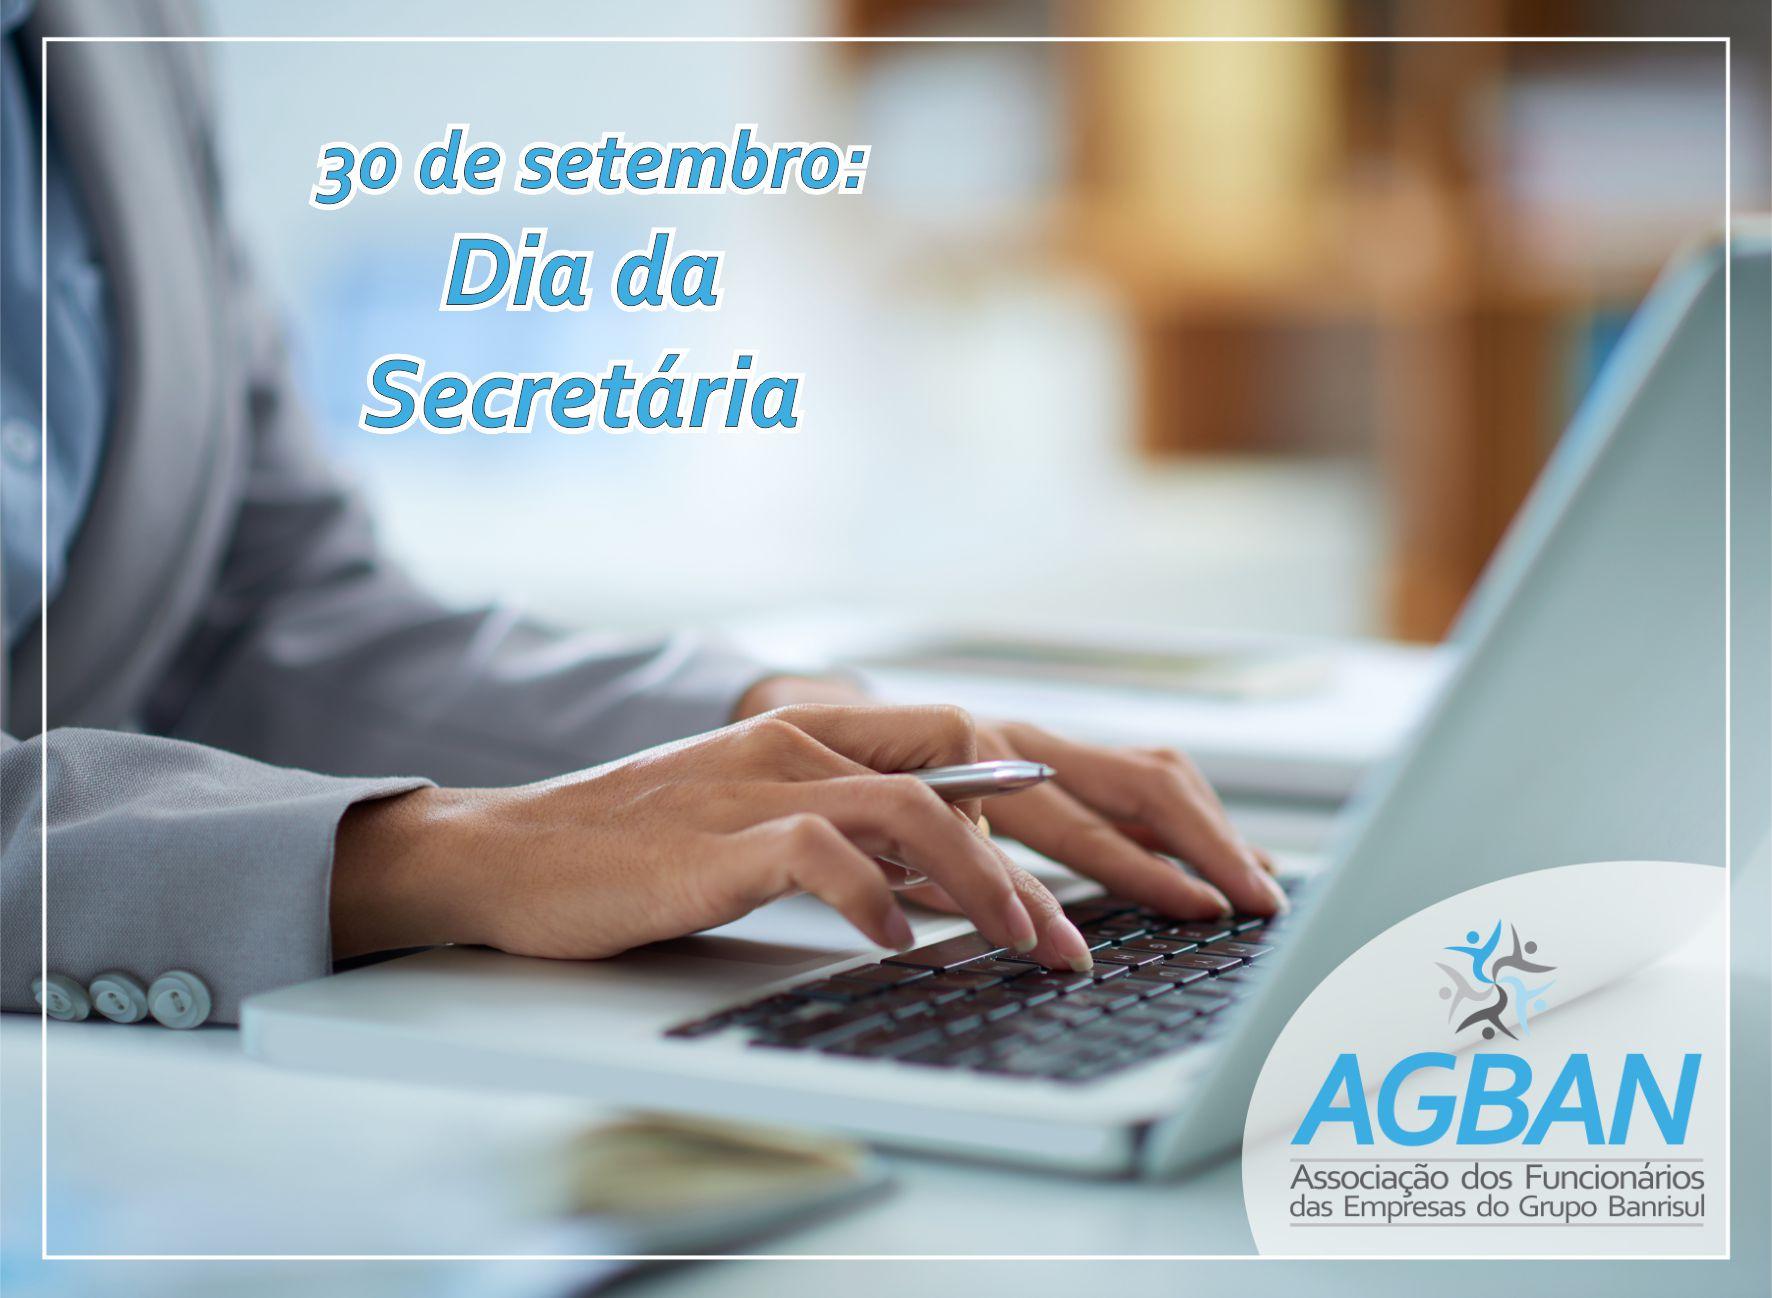 Feliz Dia da Secretária!